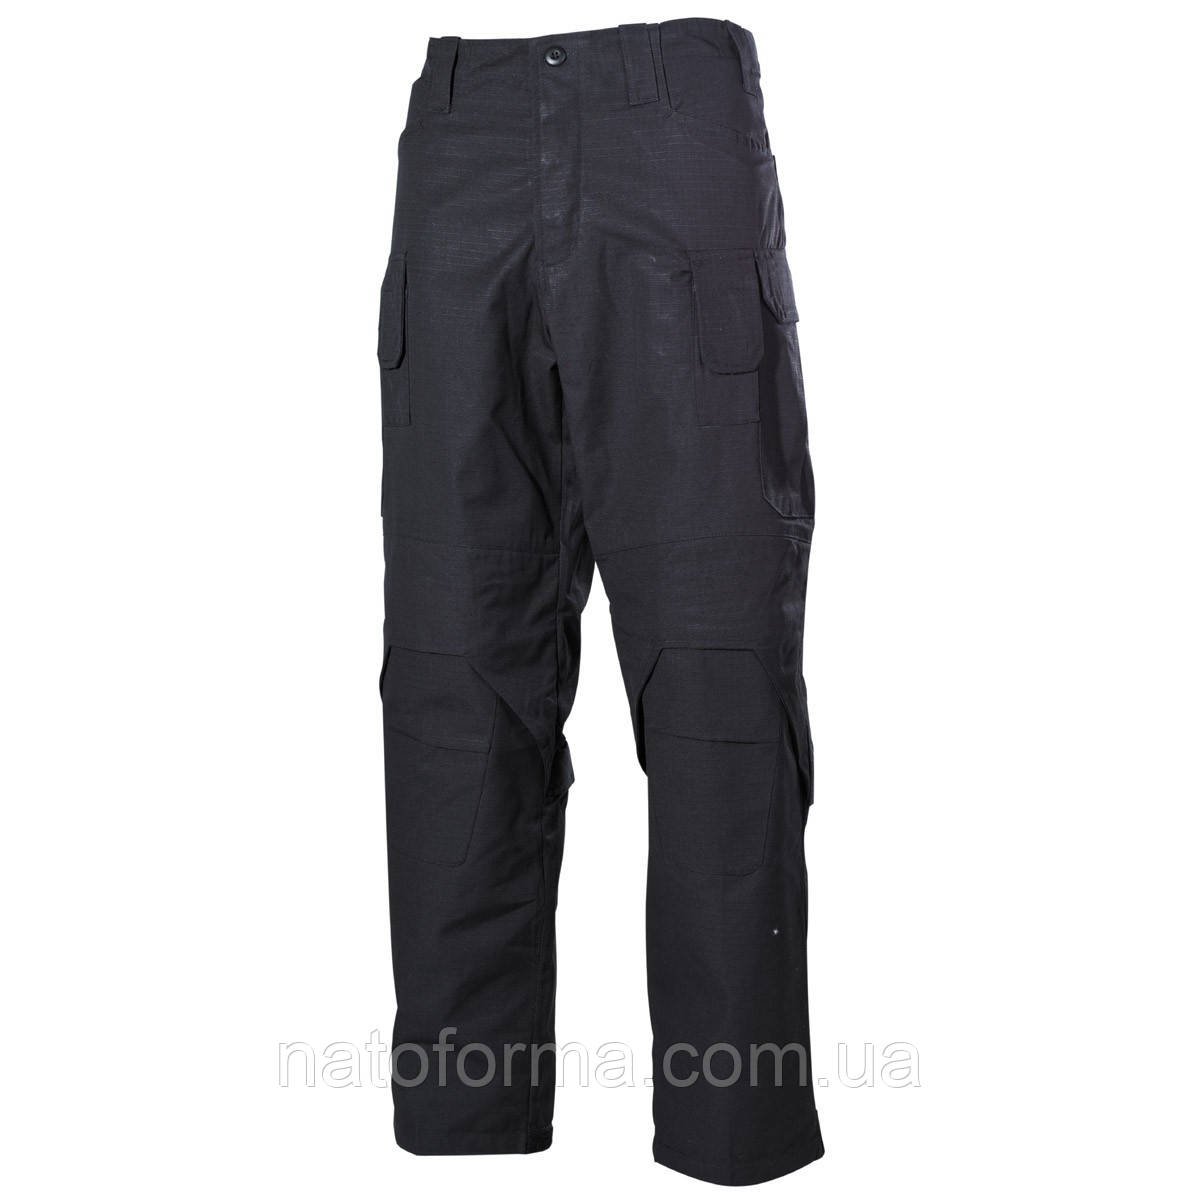 Штаны, брюки тактические Mission, Ny/Co, MFH, черные, фото 1